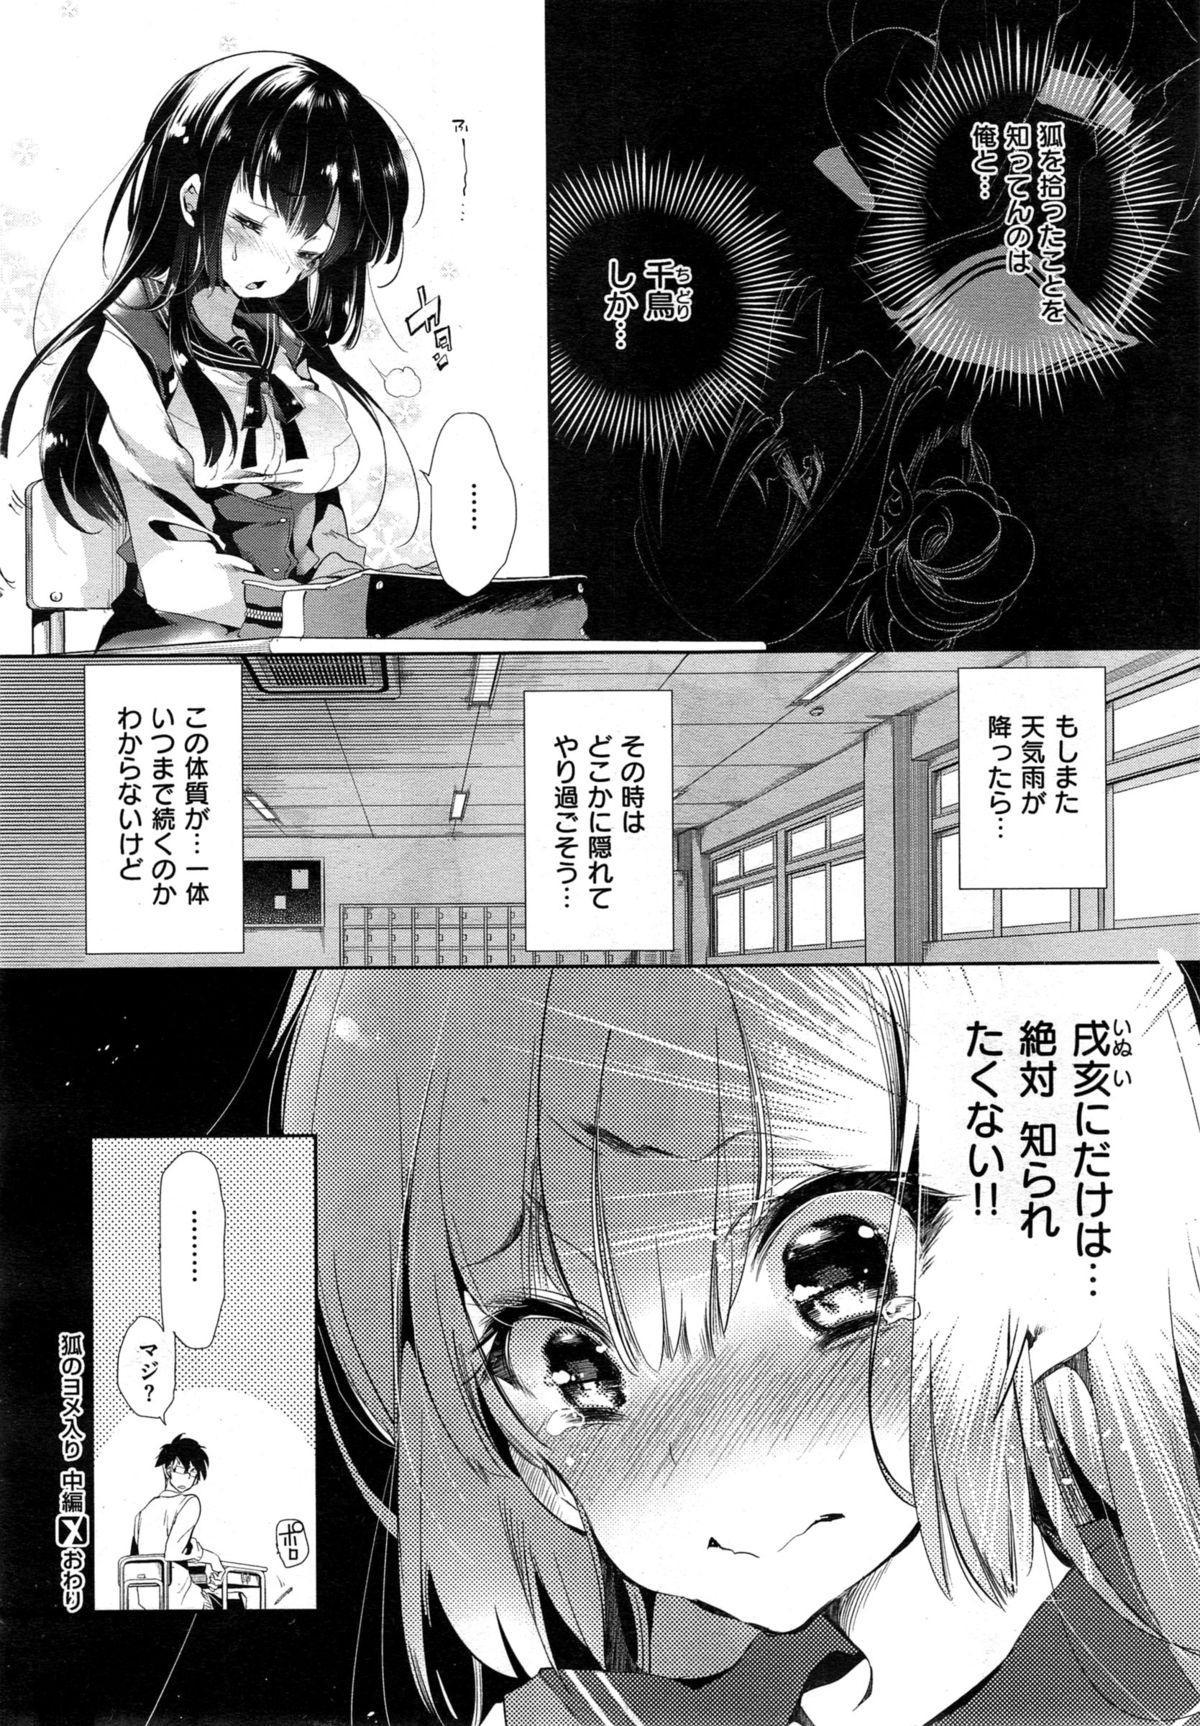 Kitsune no Yomeiri 65